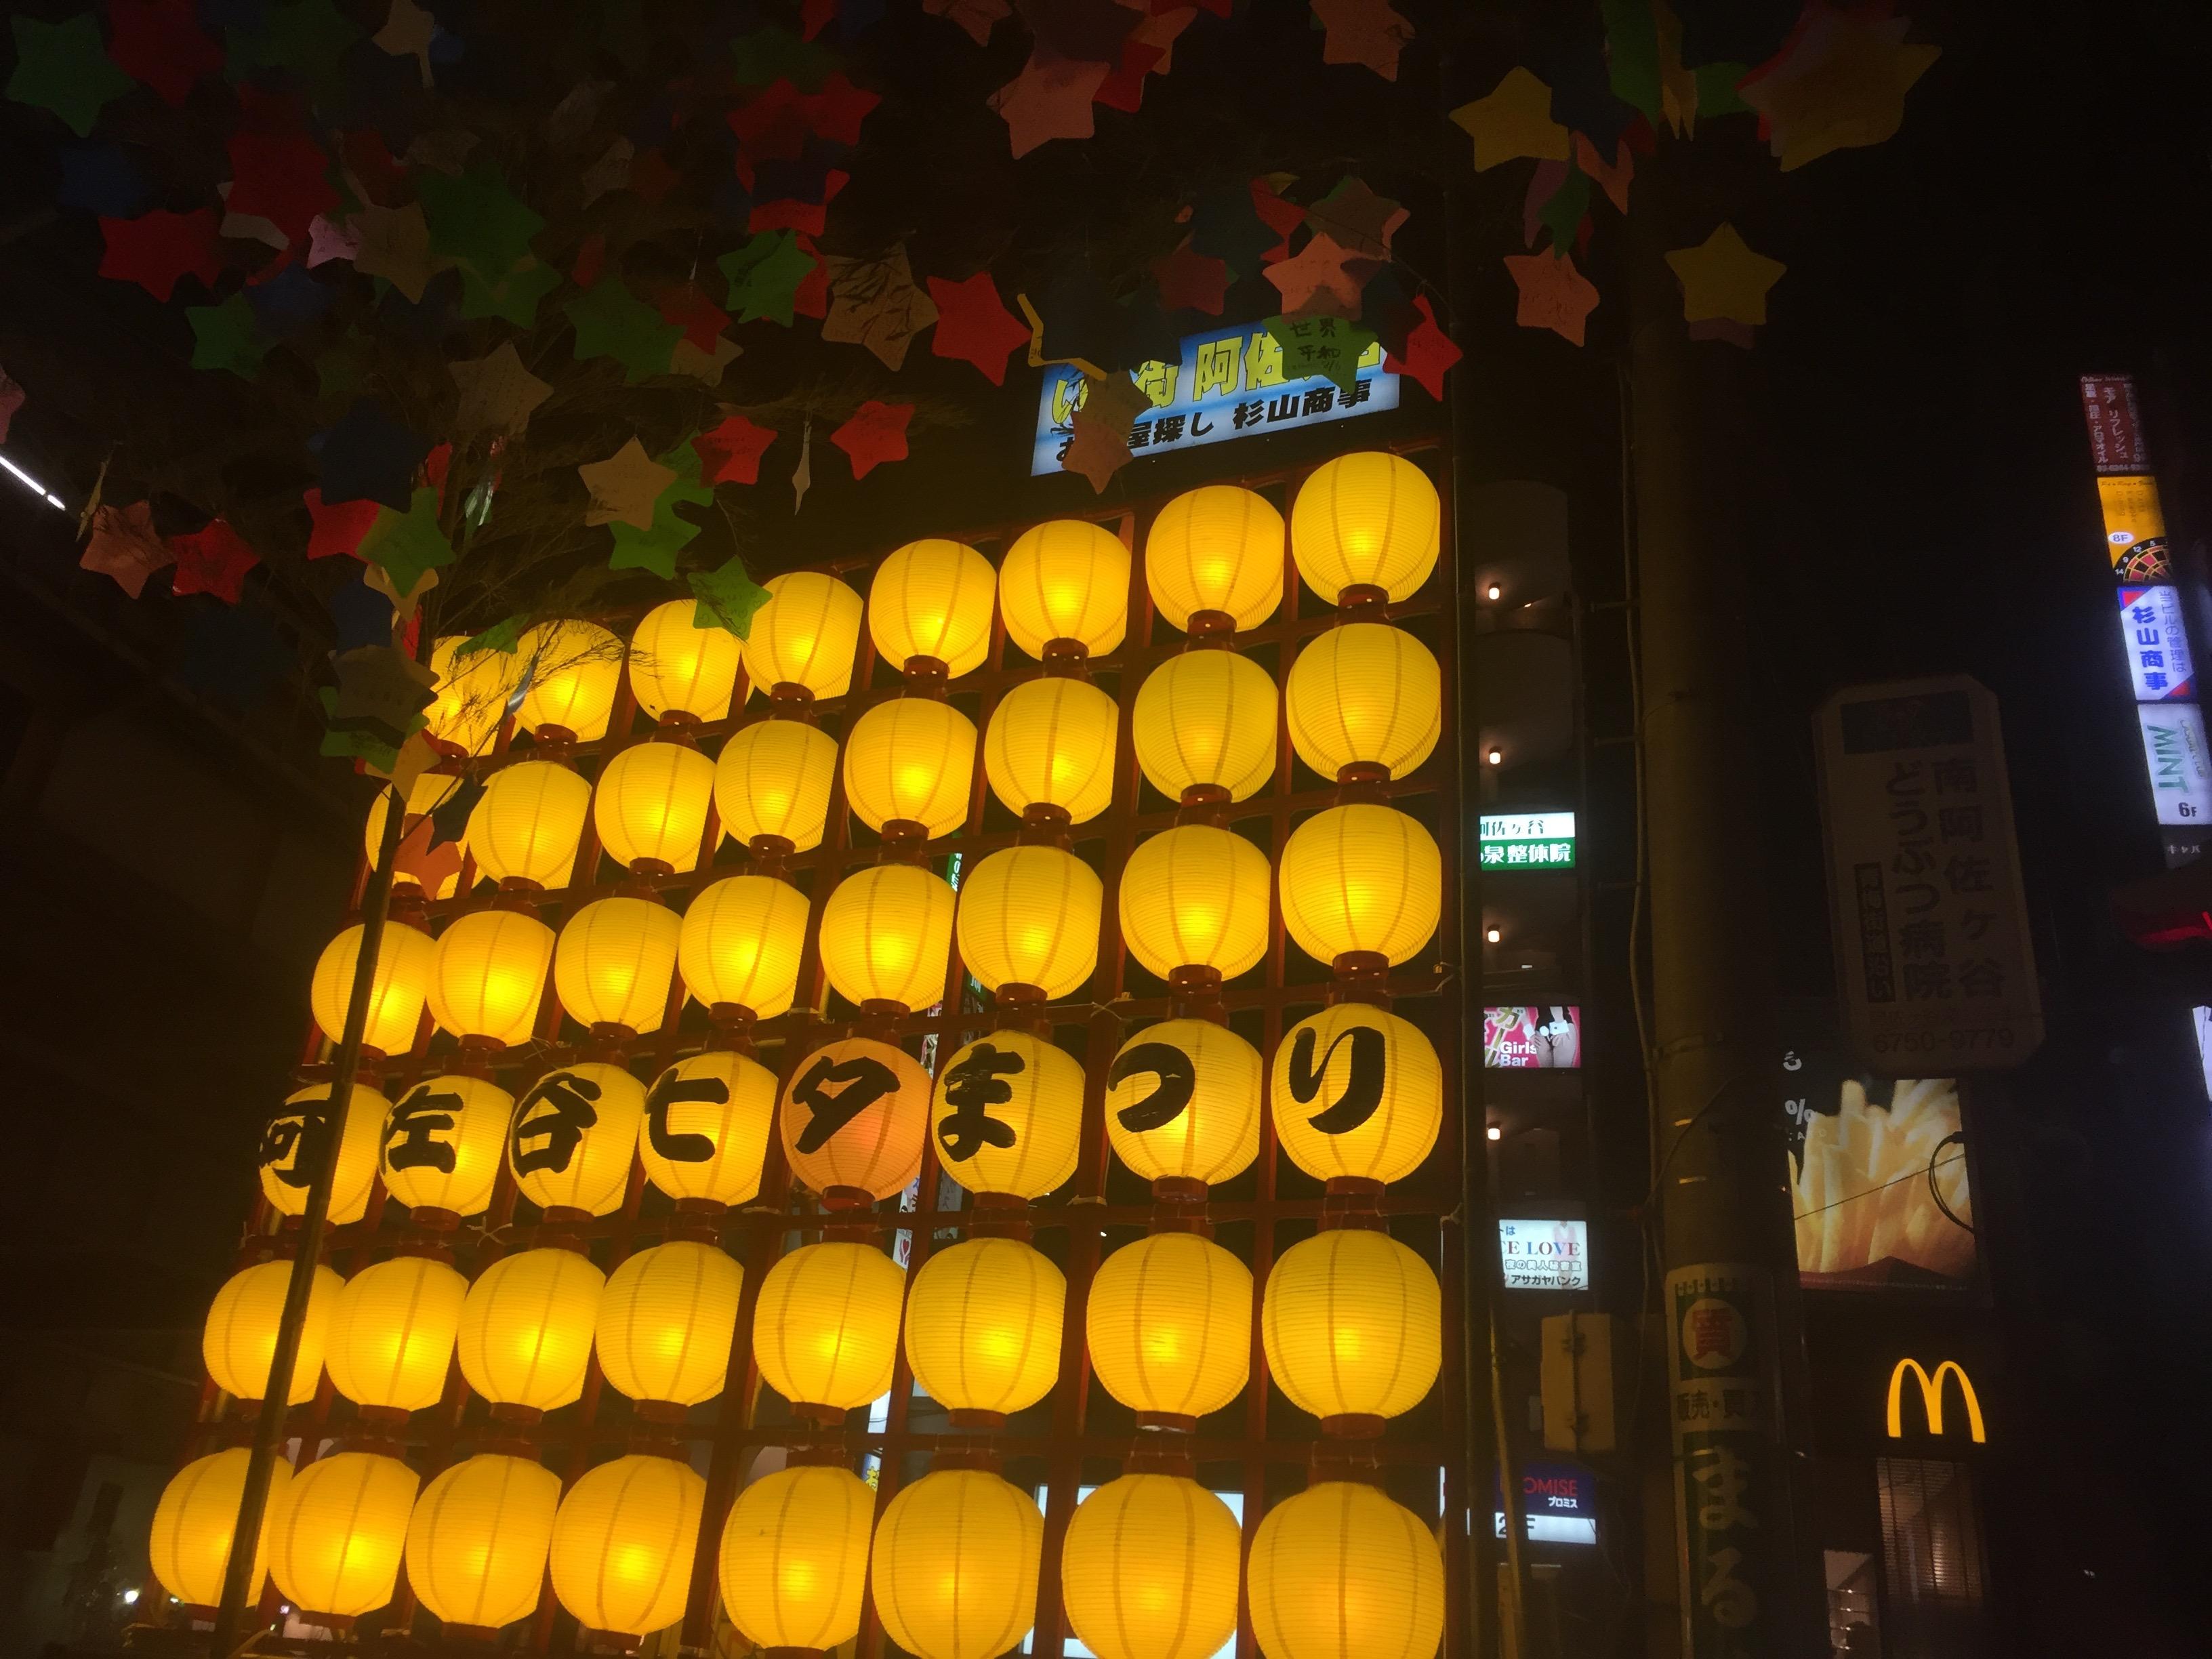 【2021年開催中止】阿佐谷七夕まつり